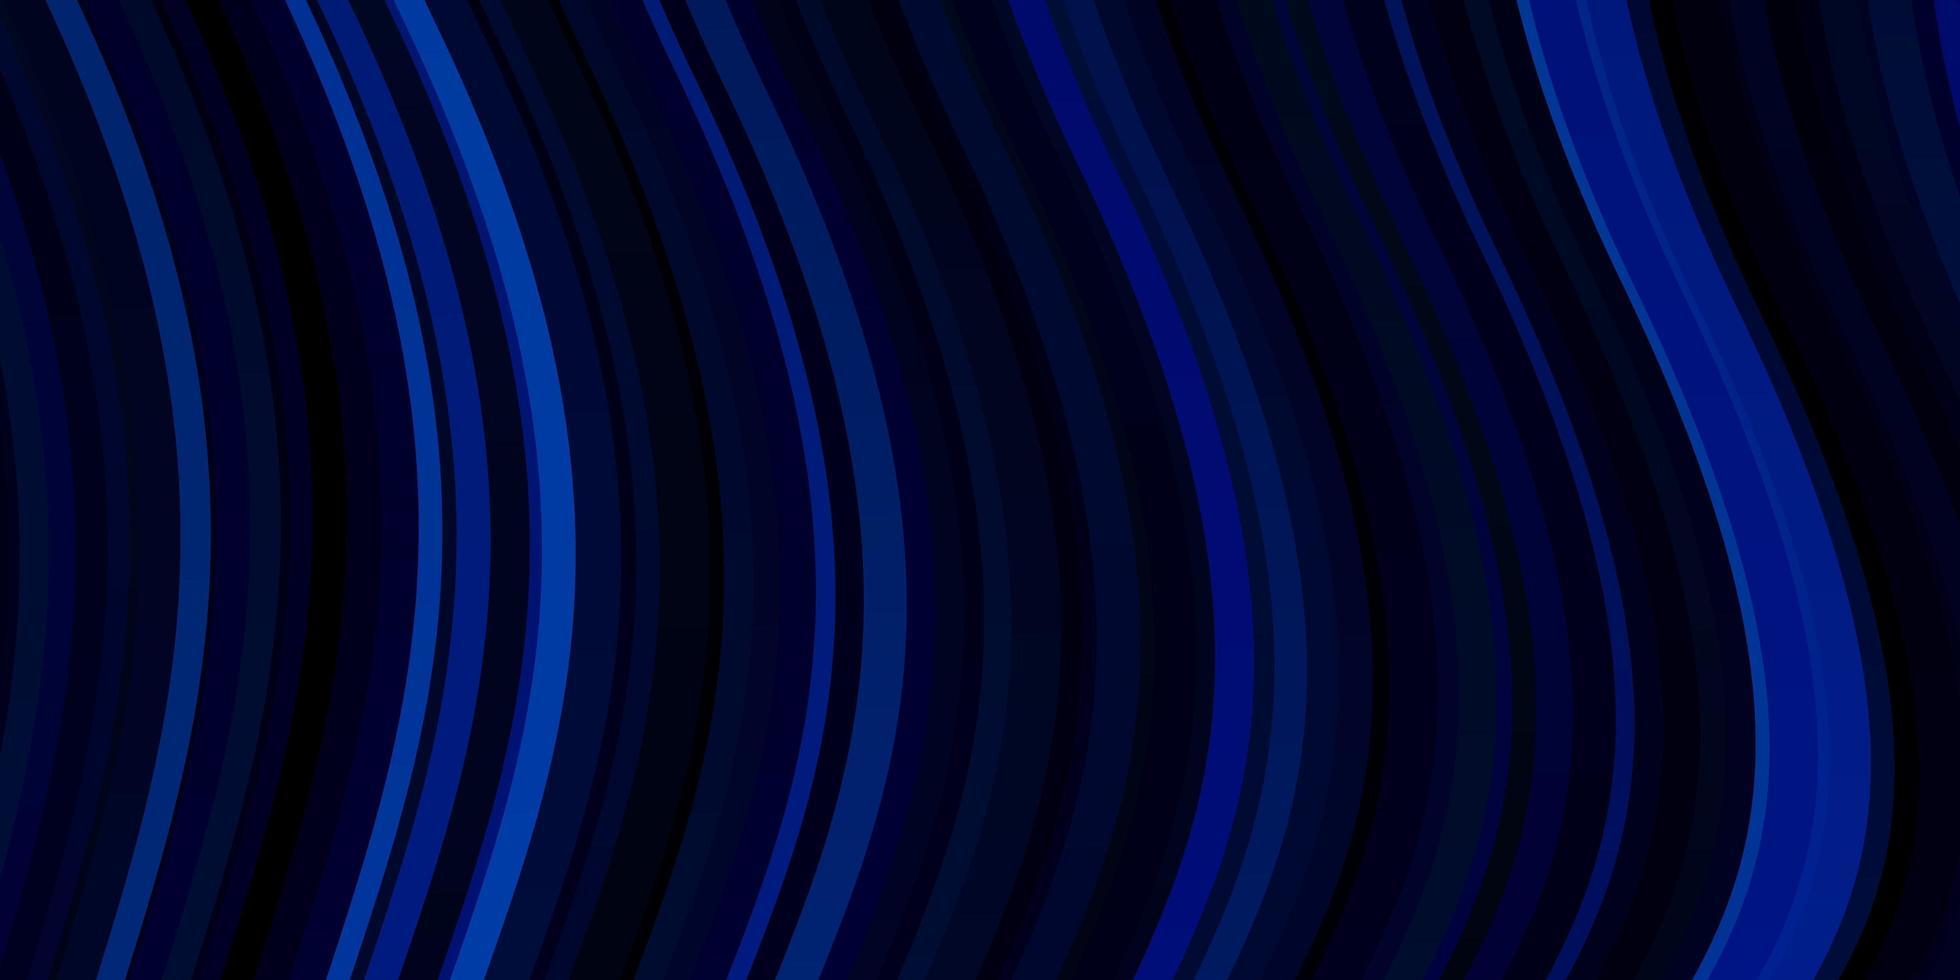 mörkblå bakgrund med böjda linjer. vektor